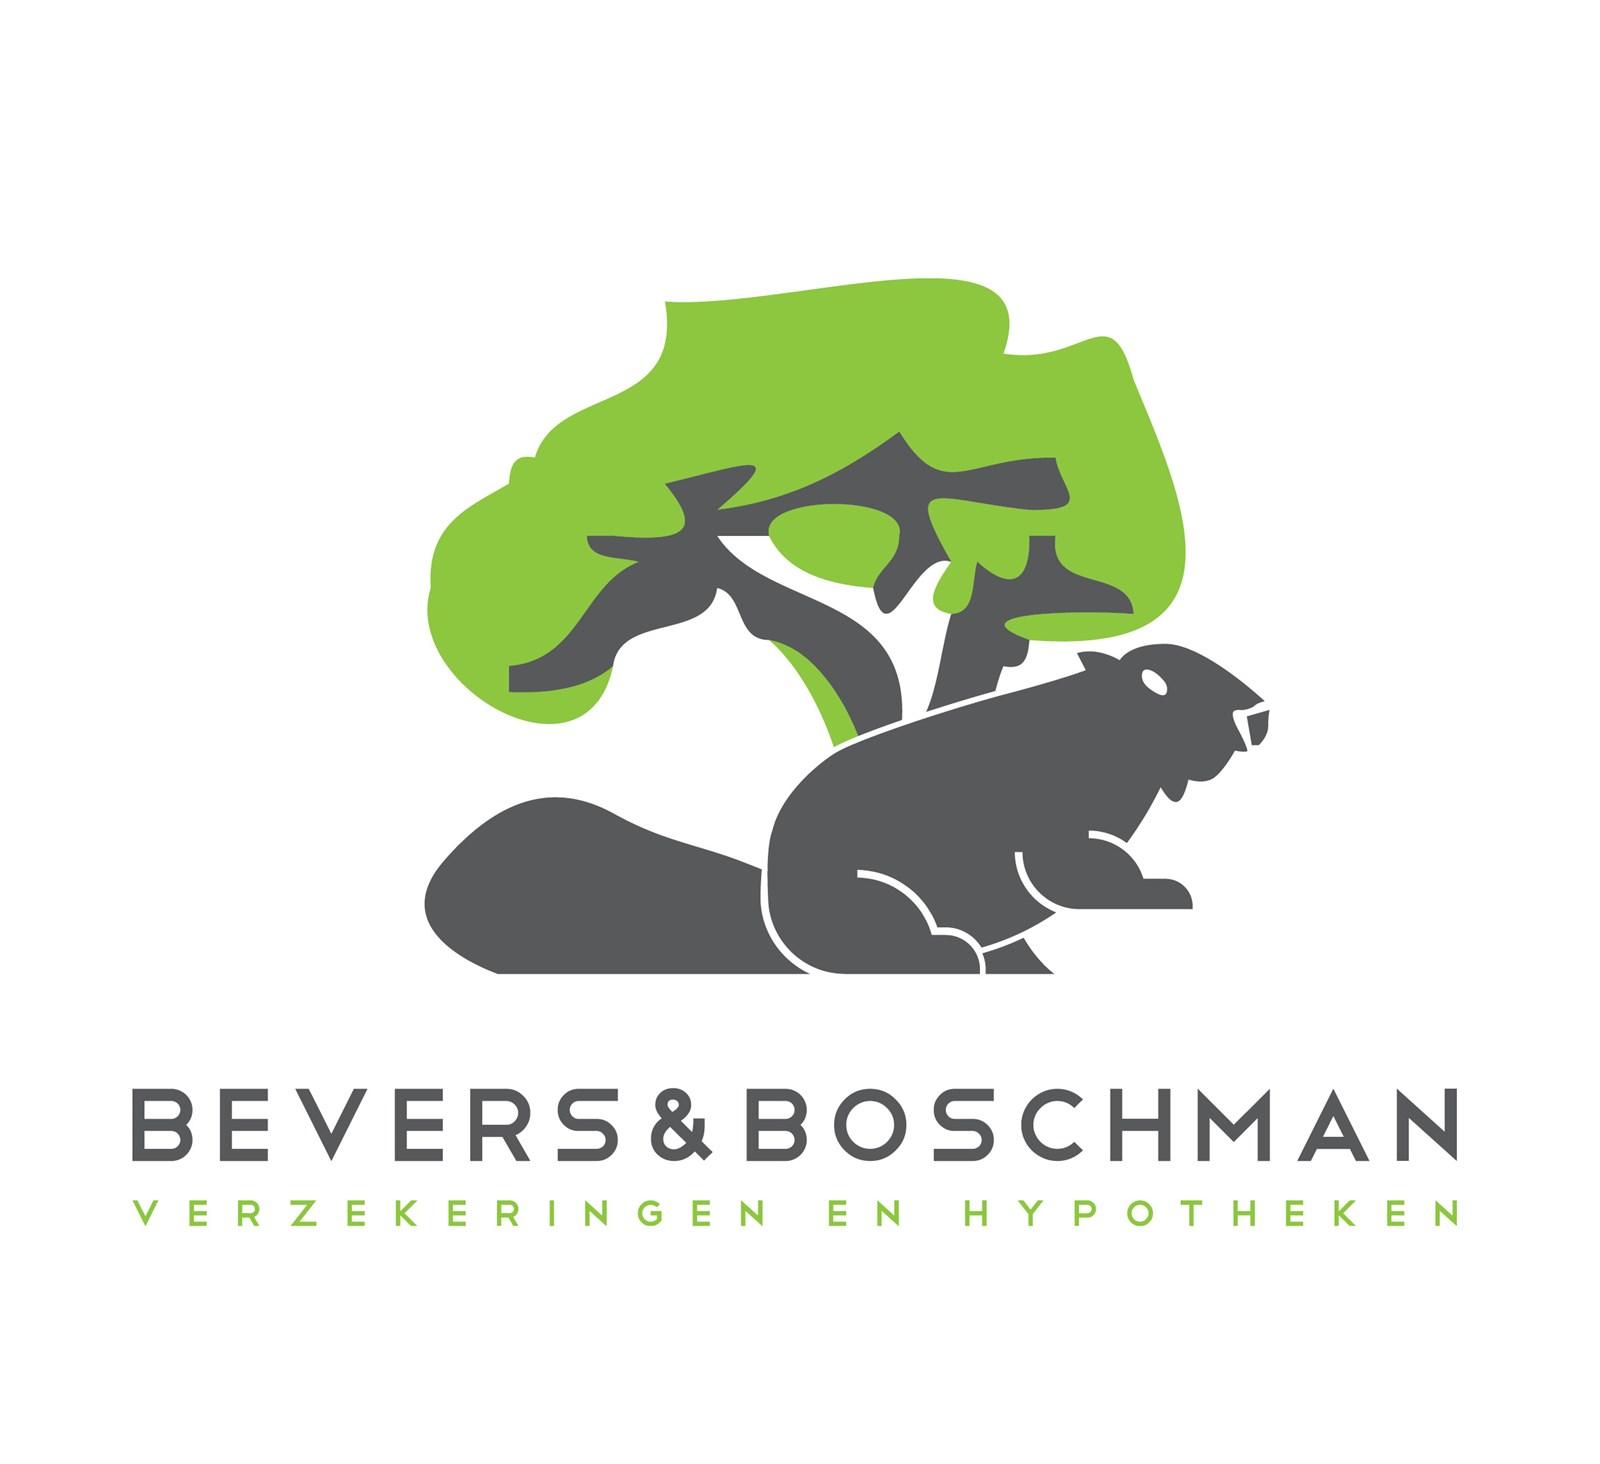 Afbeelding van Bevers & Boschman